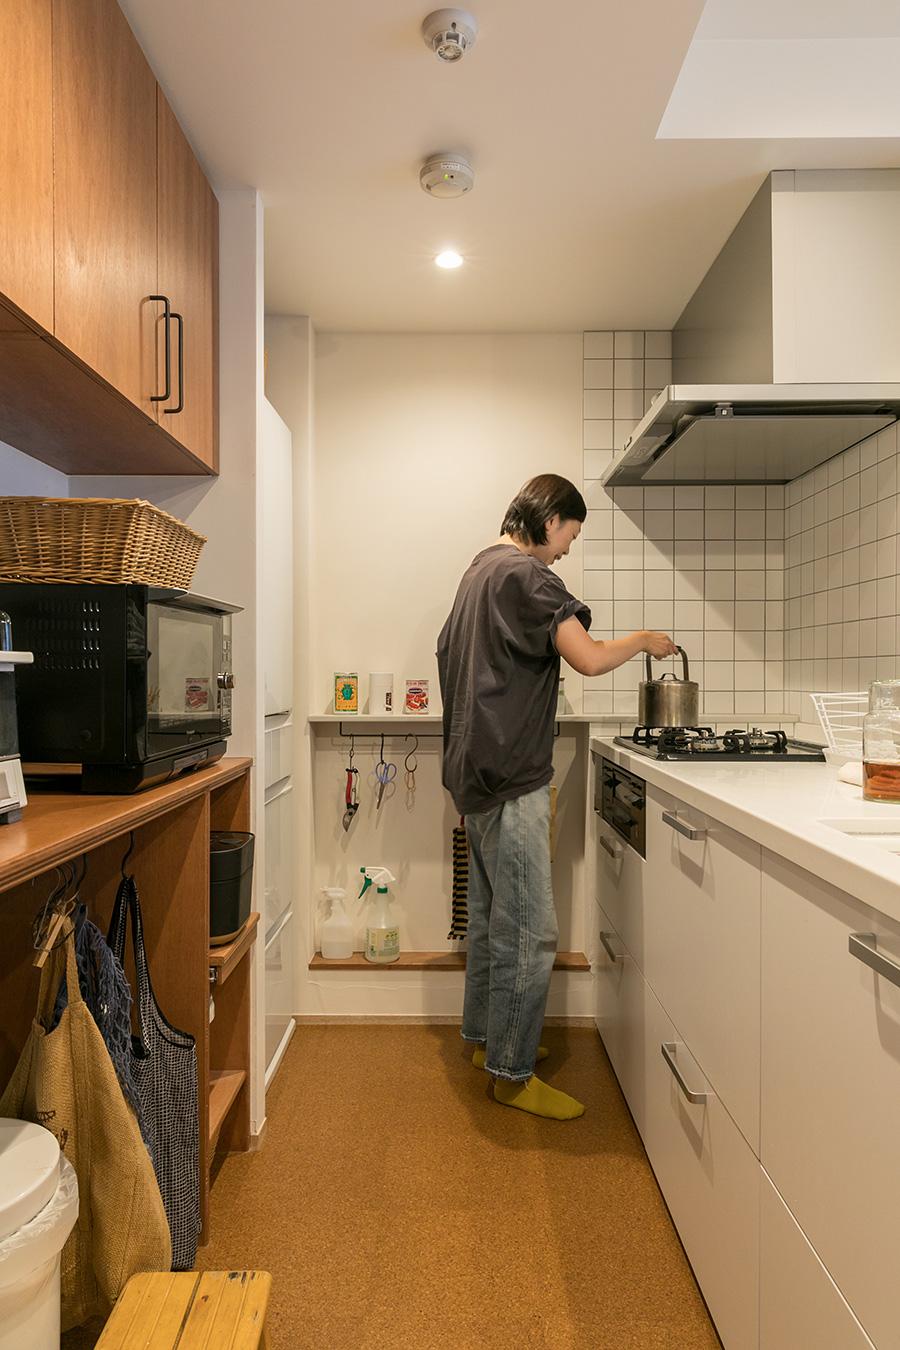 リノベーションにより、奥の壁付けだったキッチンを対面型に変更。床には水に強いコルクタイルを敷いた。